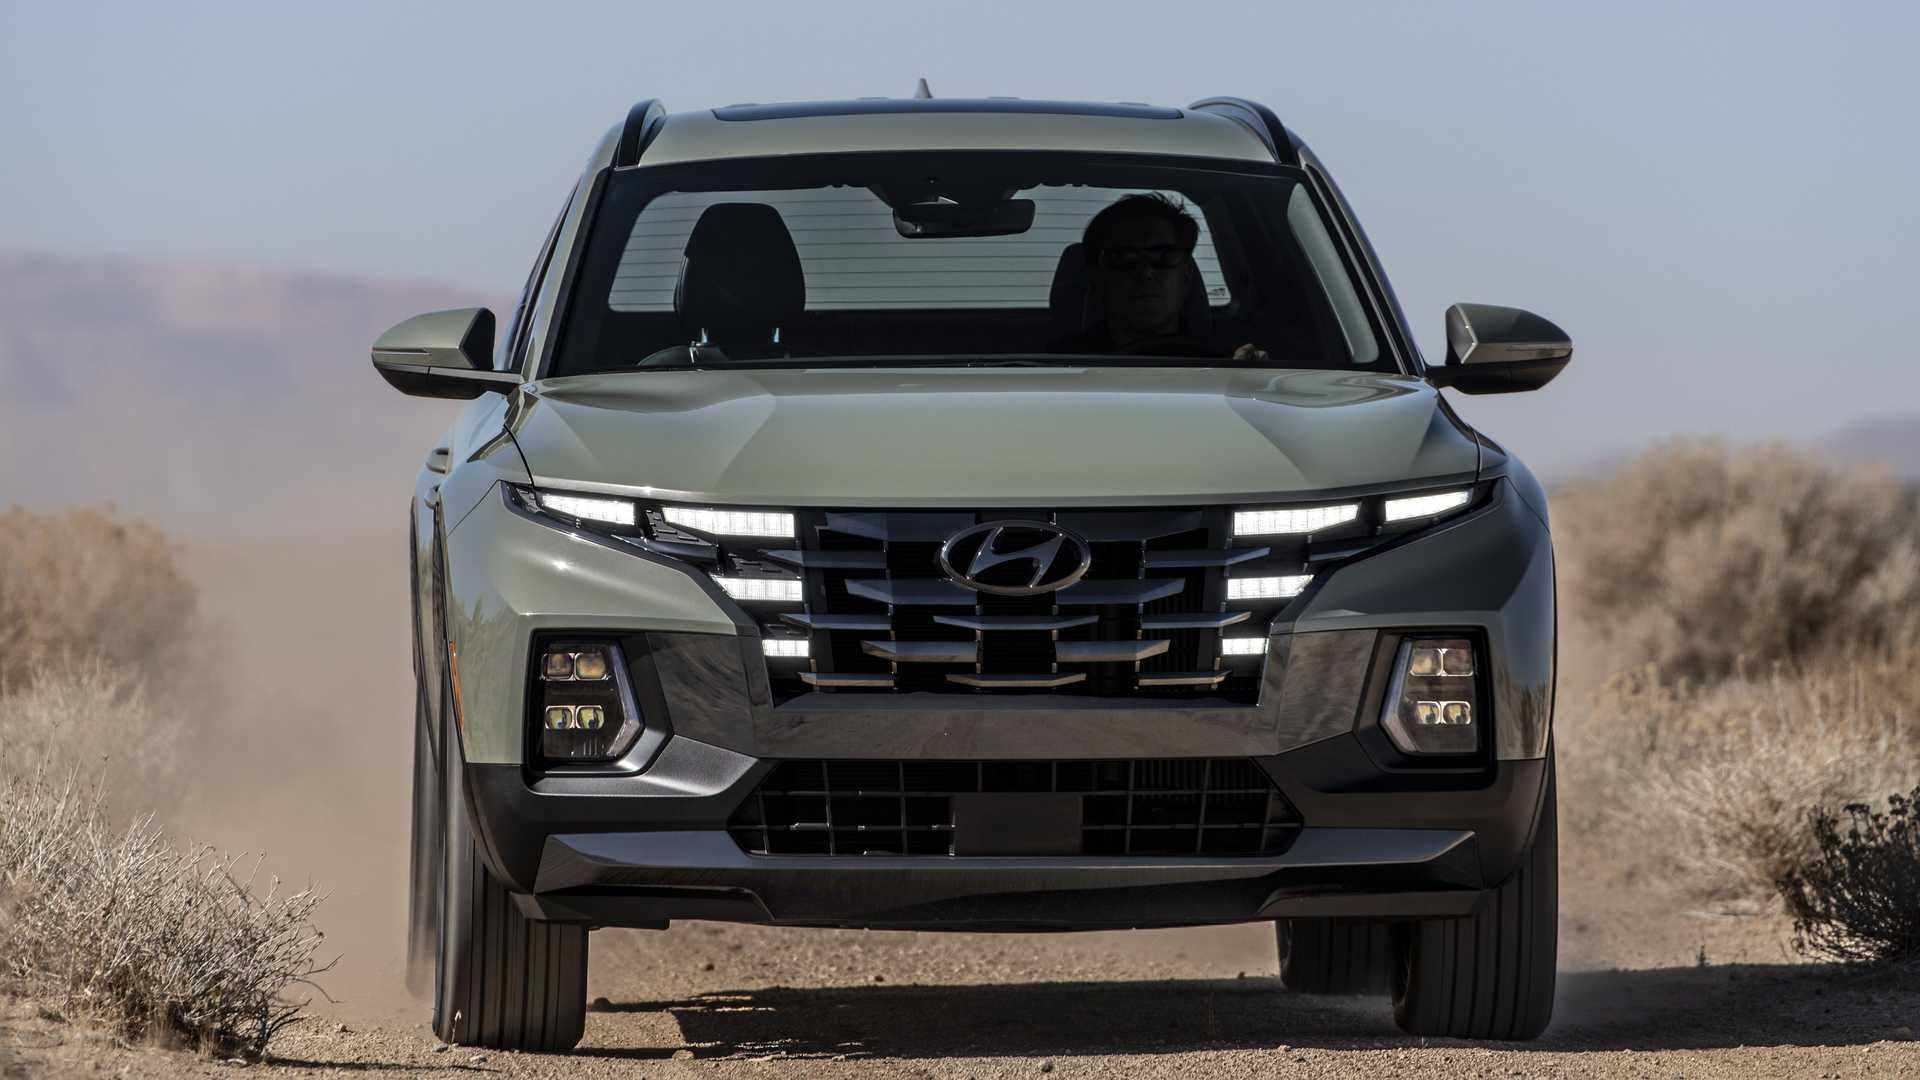 Анонсированный 6 лет назад пикап Hyundai наконец представлен. Американцы смогут заказать Santa Cruz уже в конце этого месяца.